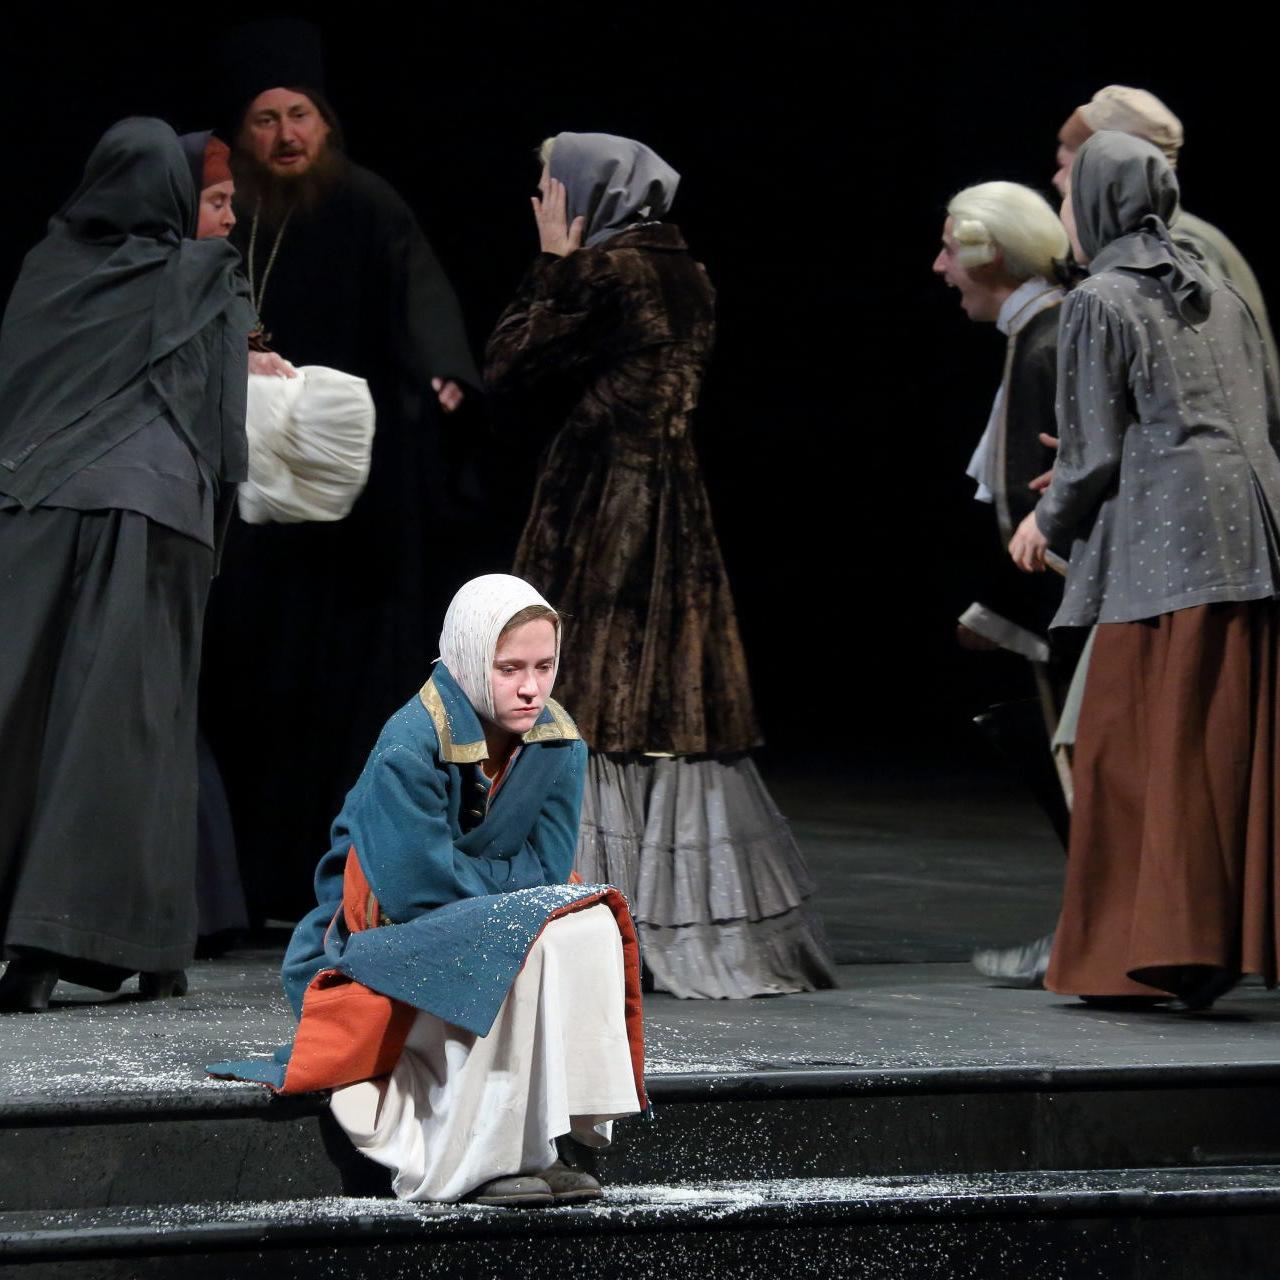 Спектакль «Блаженная Ксения. История любви» в Александринском театре со скидкой 50%